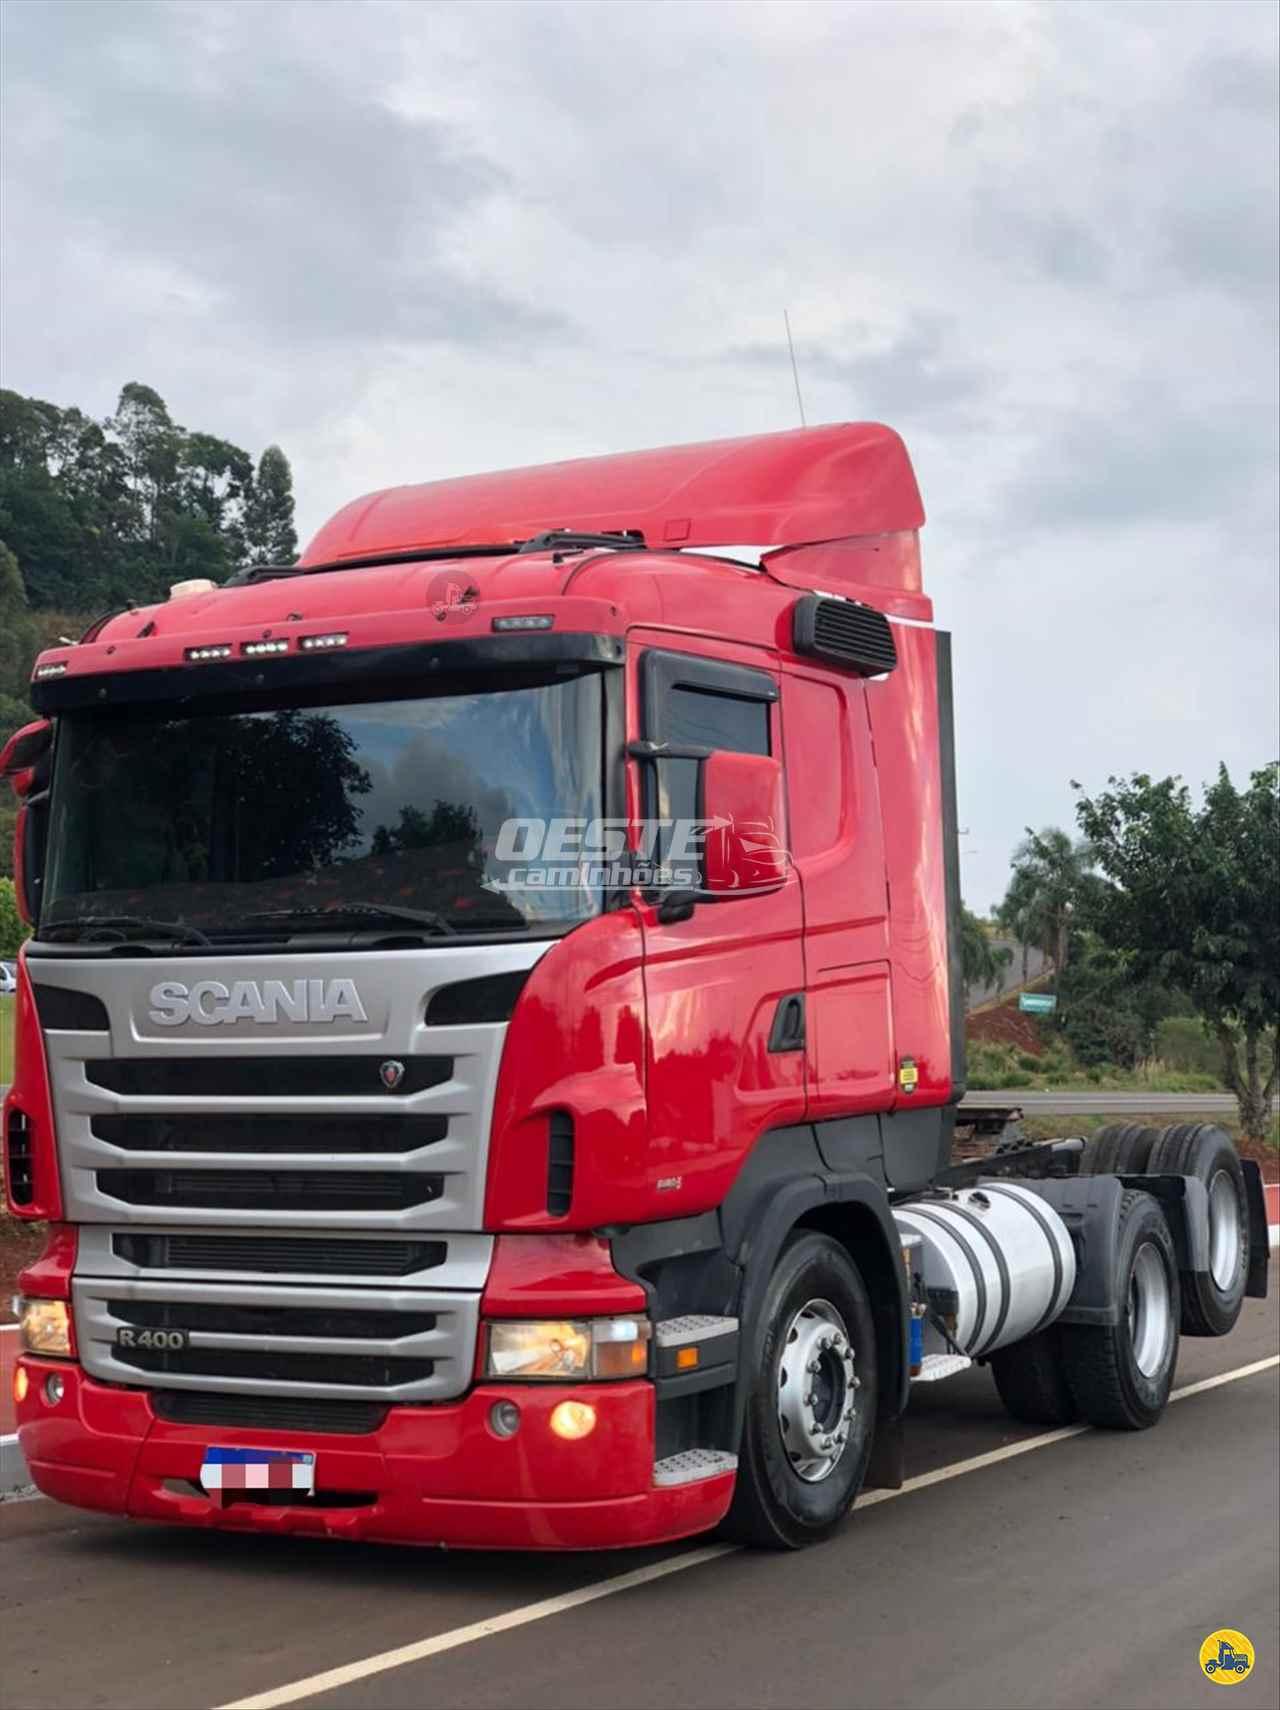 CAMINHAO SCANIA SCANIA 400 Cavalo Mecânico Truck 6x2 Oeste Caminhões  CORDILHEIRA ALTA SANTA CATARINA SC